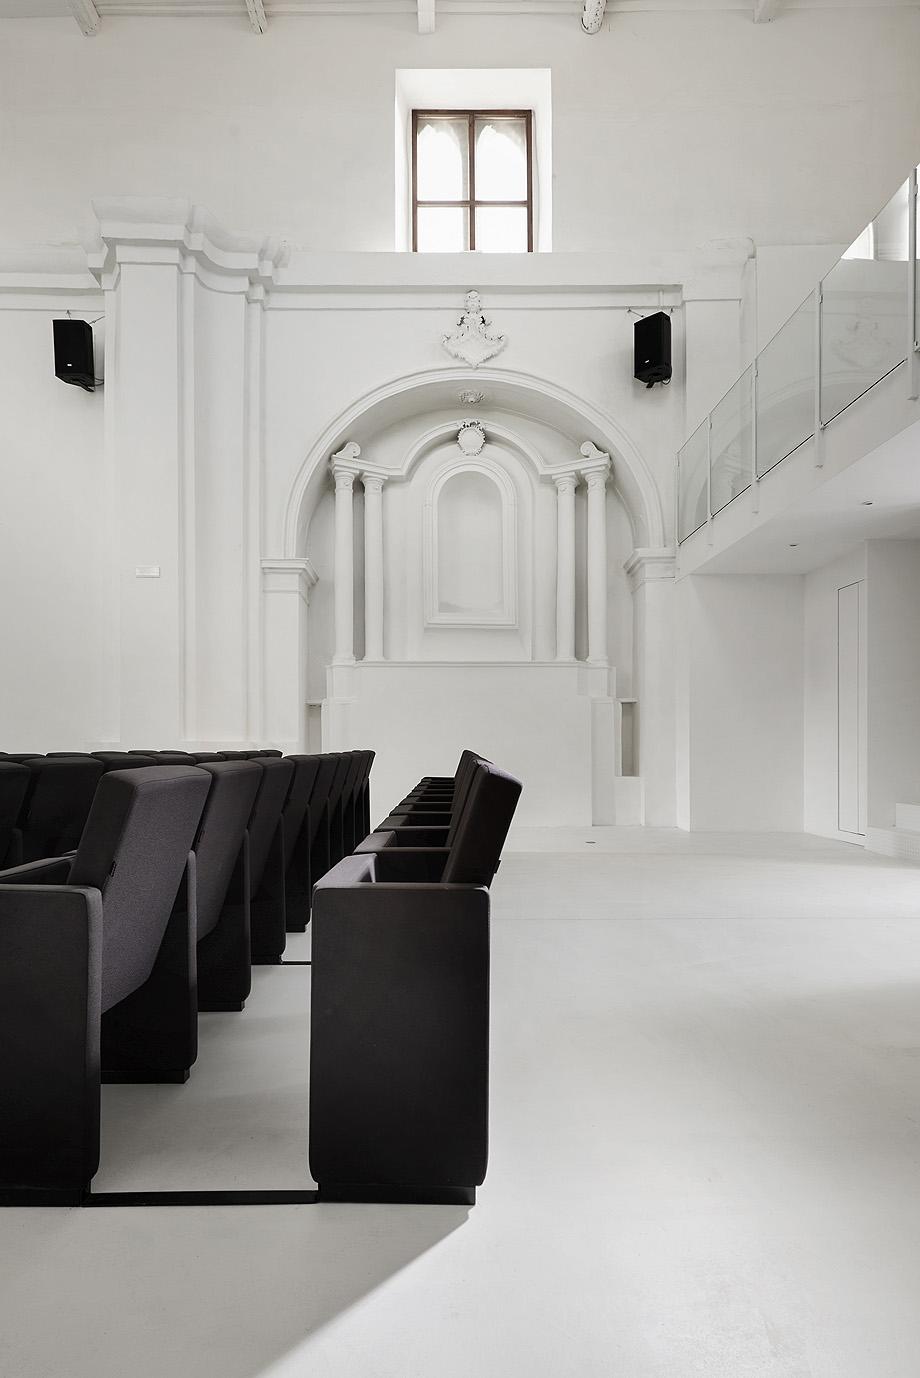 de iglesia a teatro por luigi valente y mauro di bona - foto s. pedretti (5)